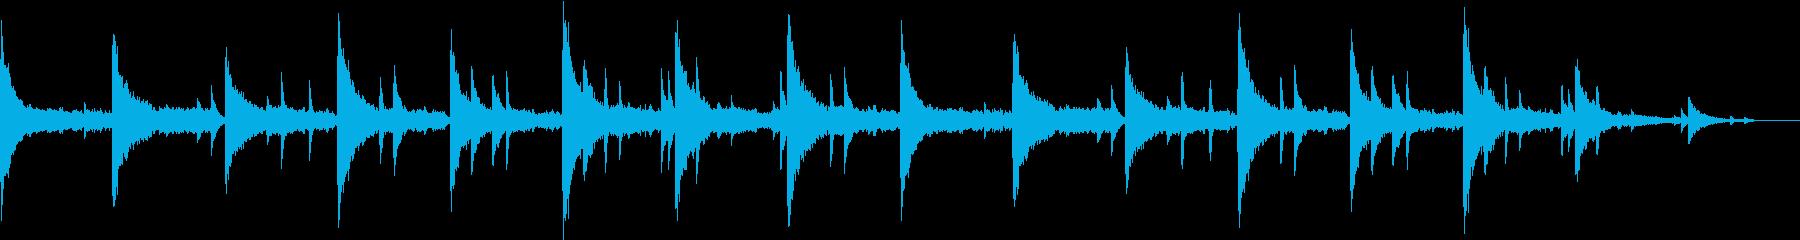 ほのぼのした感動的なバラードの再生済みの波形